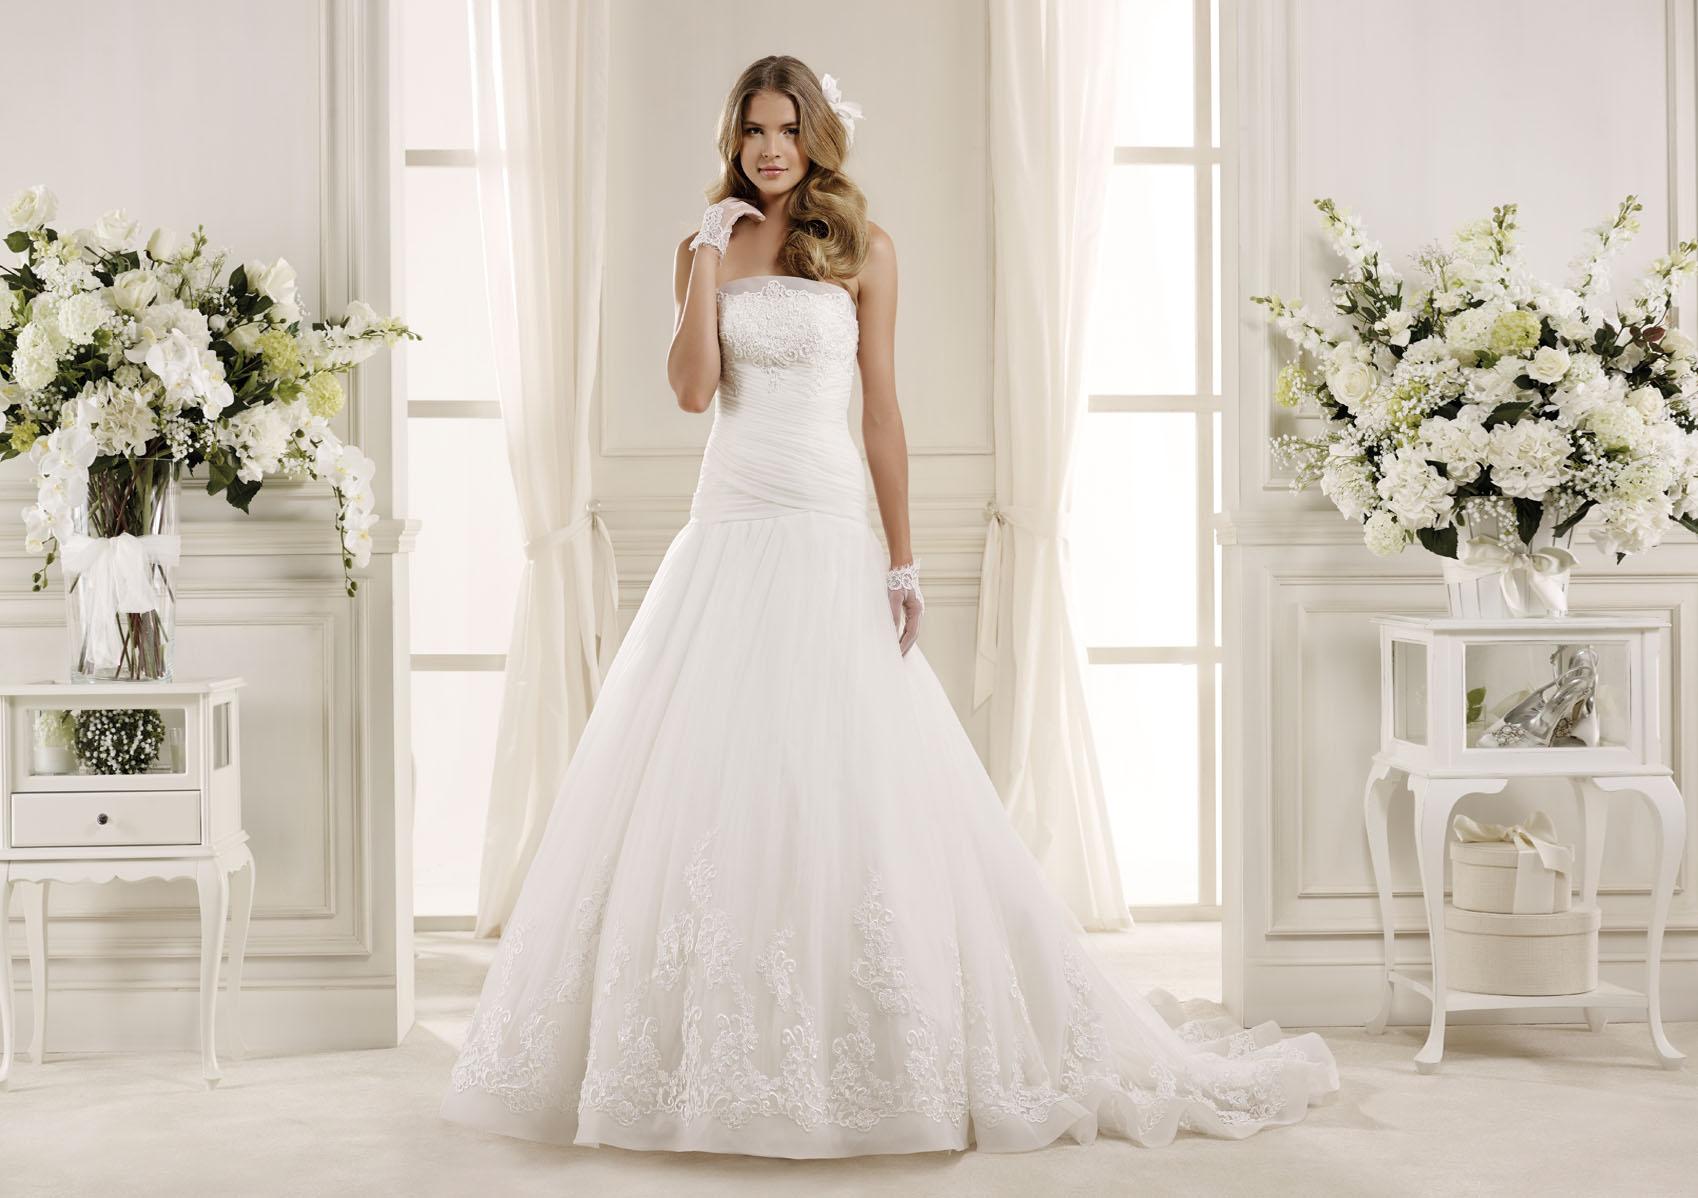 2239d66f4bae Nicole Spose collezione 2014 abiti sposa20